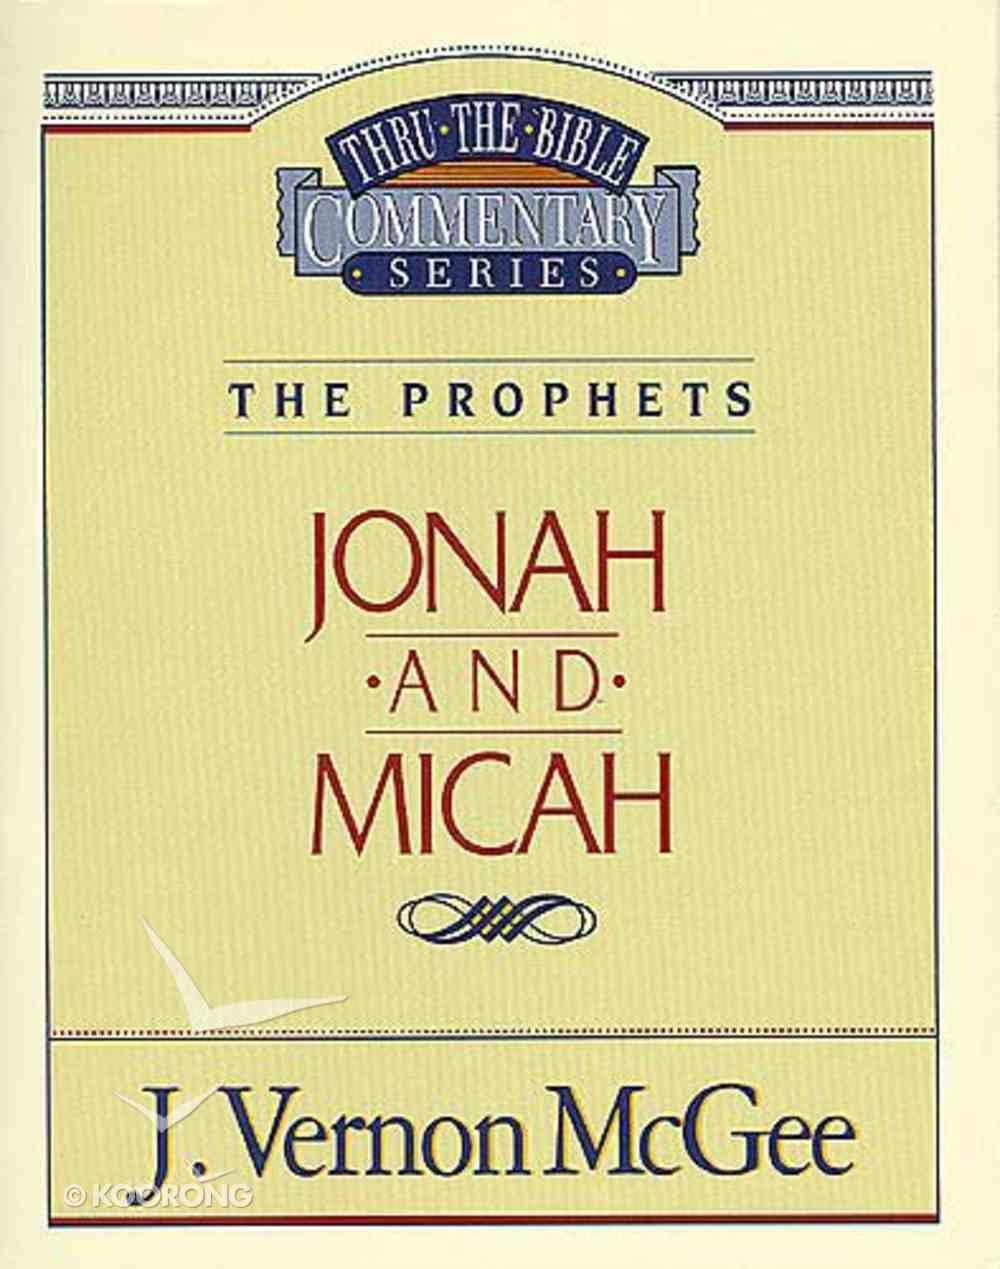 Thru the Bible OT #29: Jonah/Micah (#29 in Thru The Bible Old Testament Series) Paperback